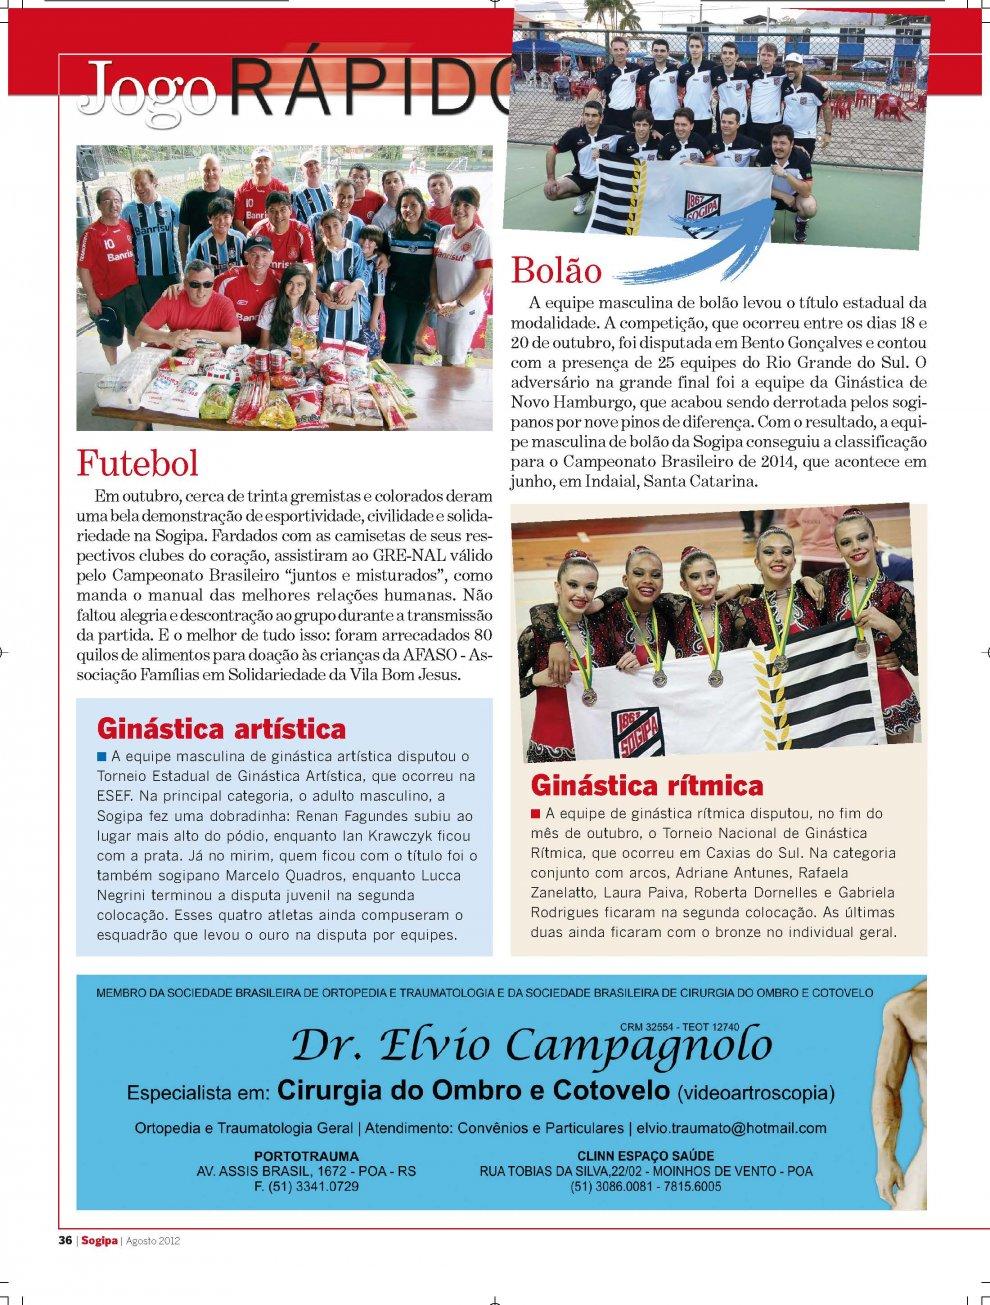 Edição Nº 41 - Dezembro 2013